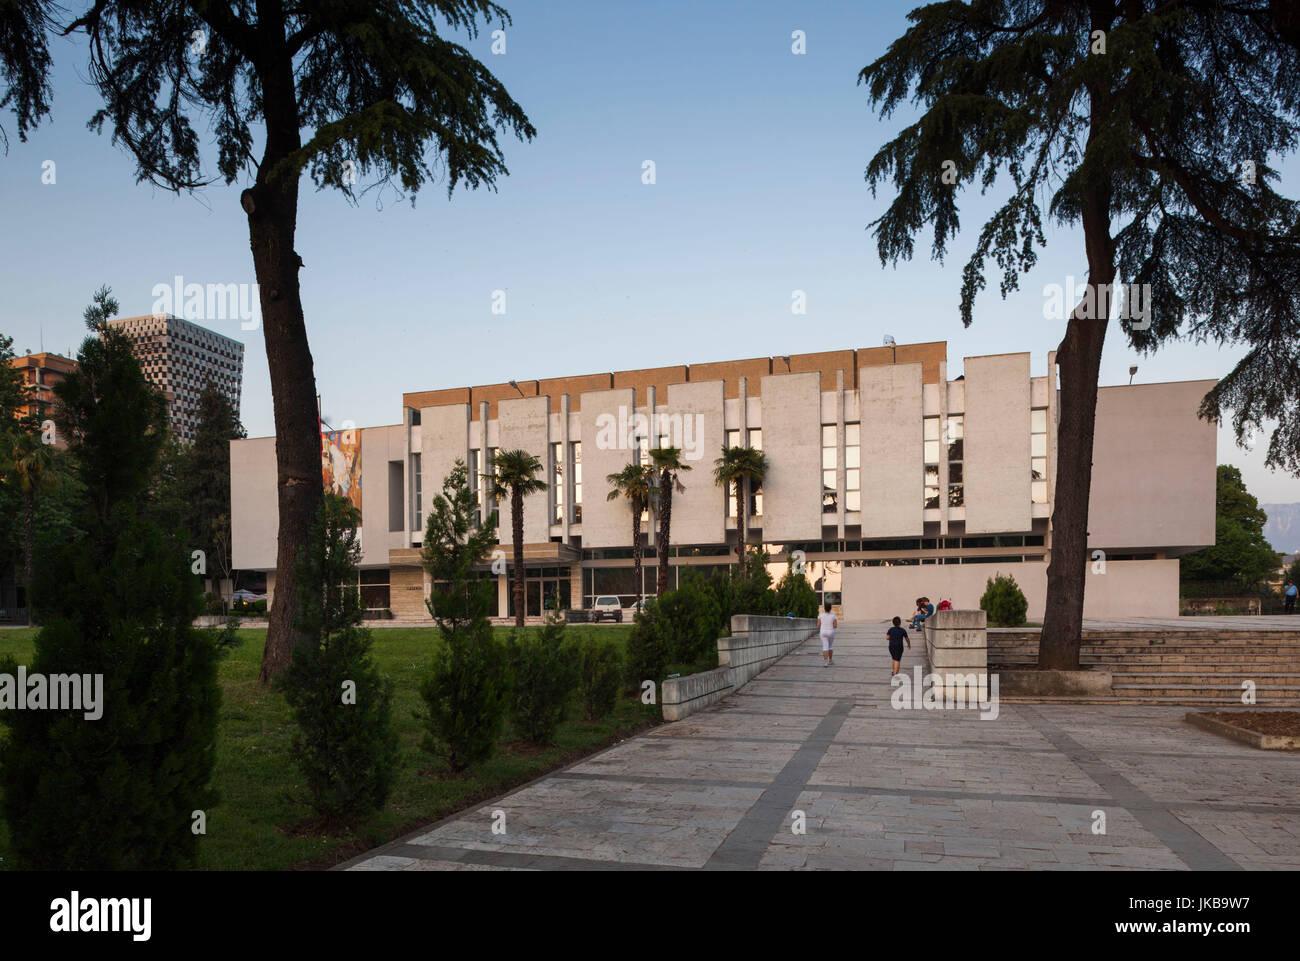 Albania, Tirana, National Art Gallery Stock Photo